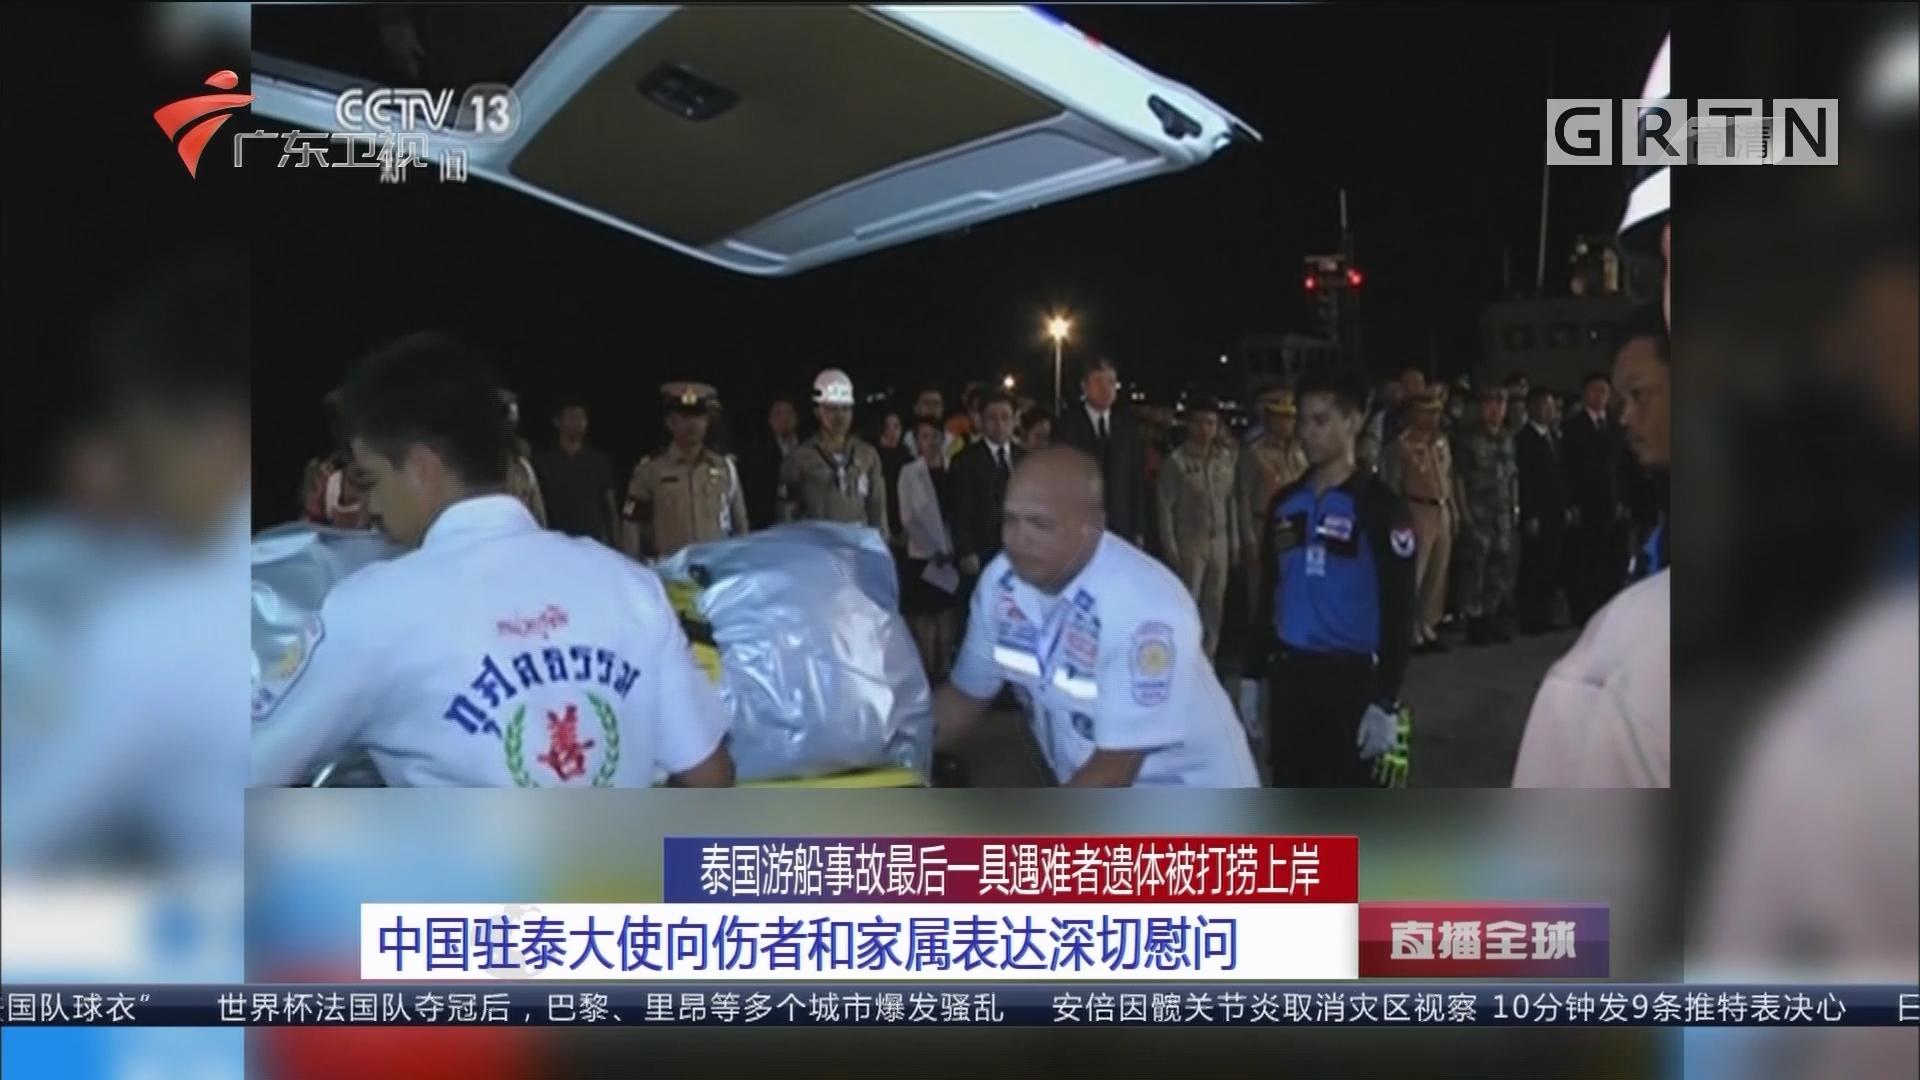 泰国游船事故最后一具遇难者遗体被打捞上岸:中国驻泰大使向伤者和家属表达深切慰问